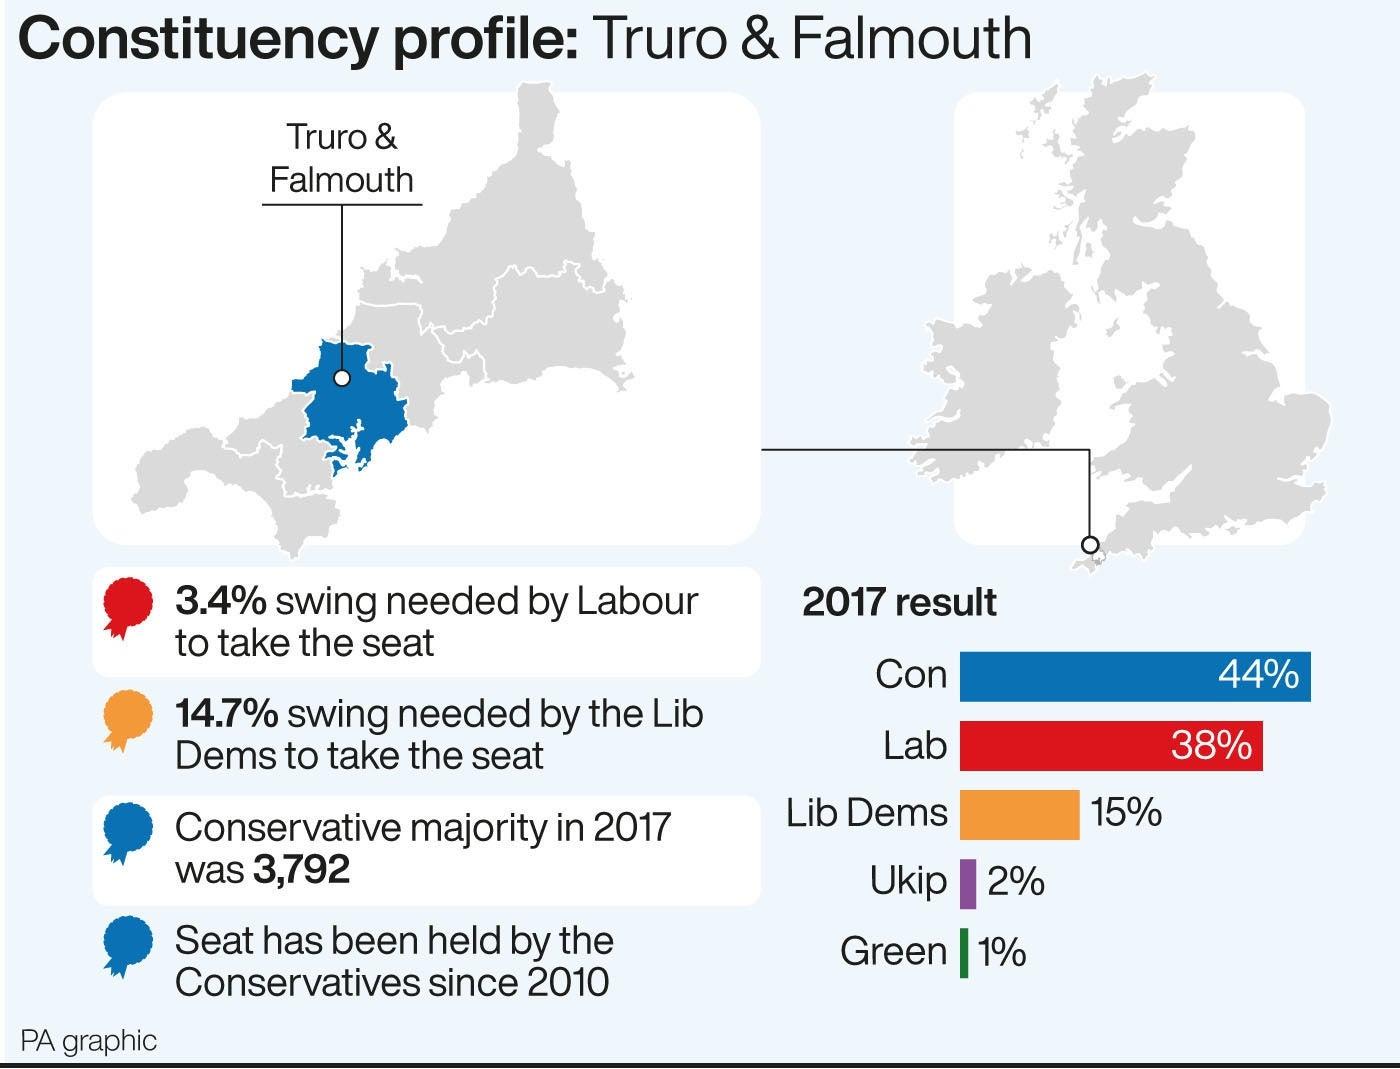 Truro & Falmouth